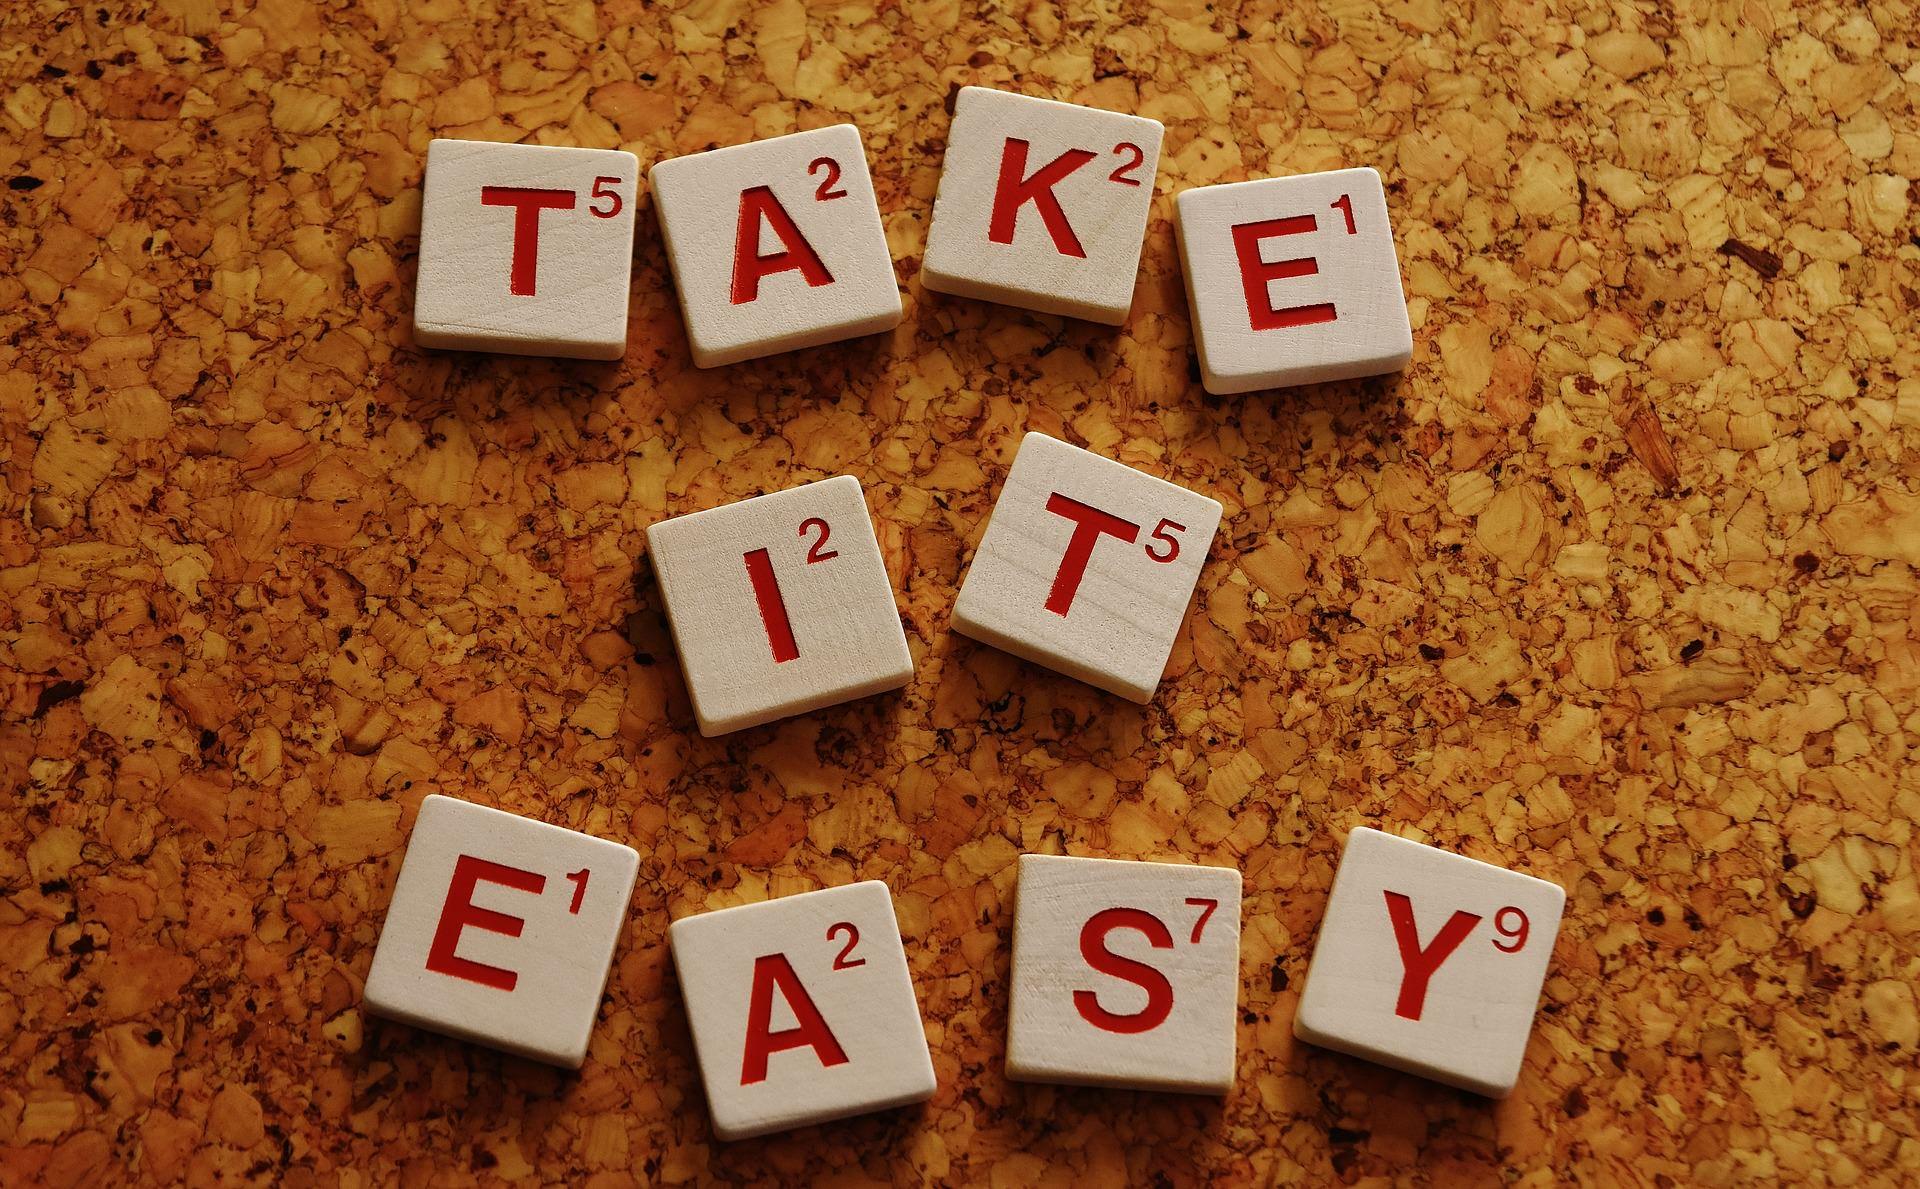 モチベーションが維持できない人へ「TAKE IT EASY」のメッセージ画像